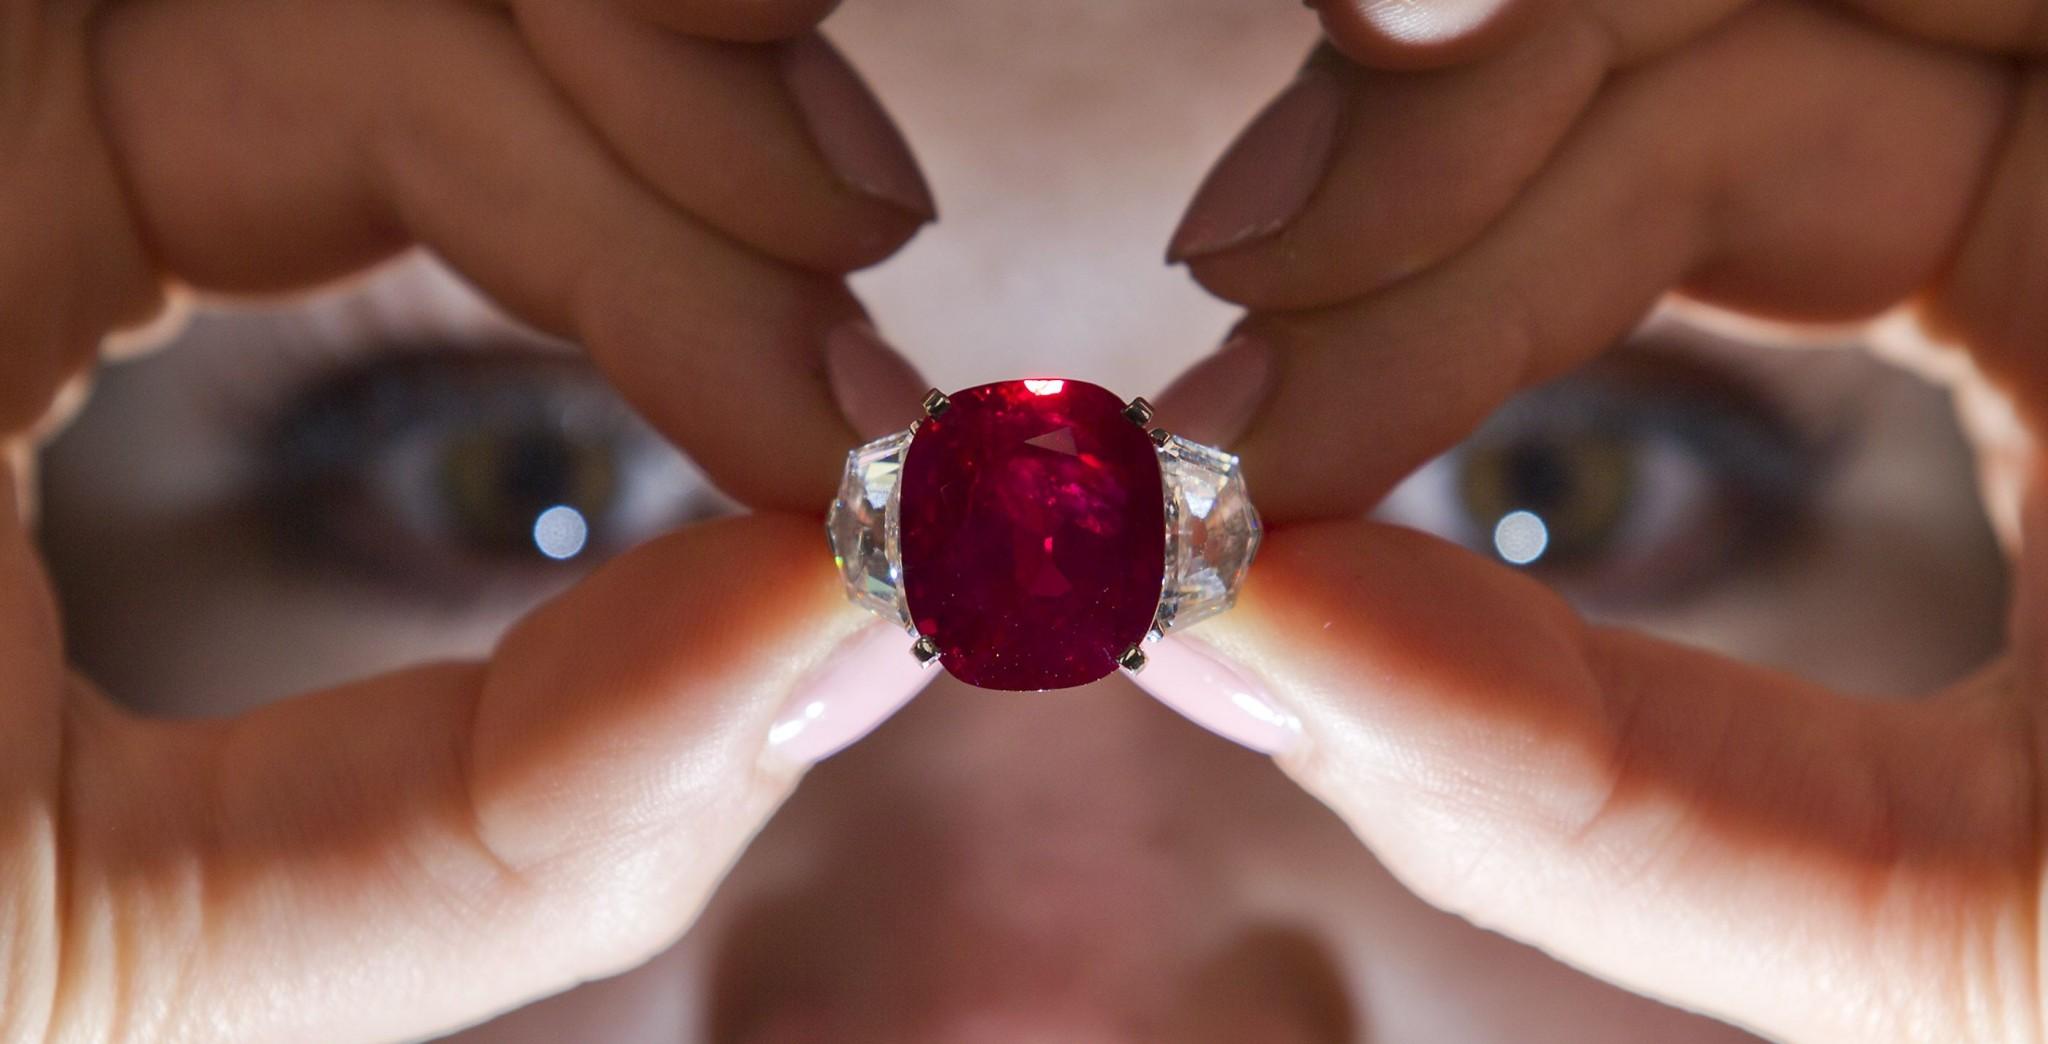 الحجر الكريم الأقوى حجر مواليد شهر تموز ، الروبي أو الياقوت